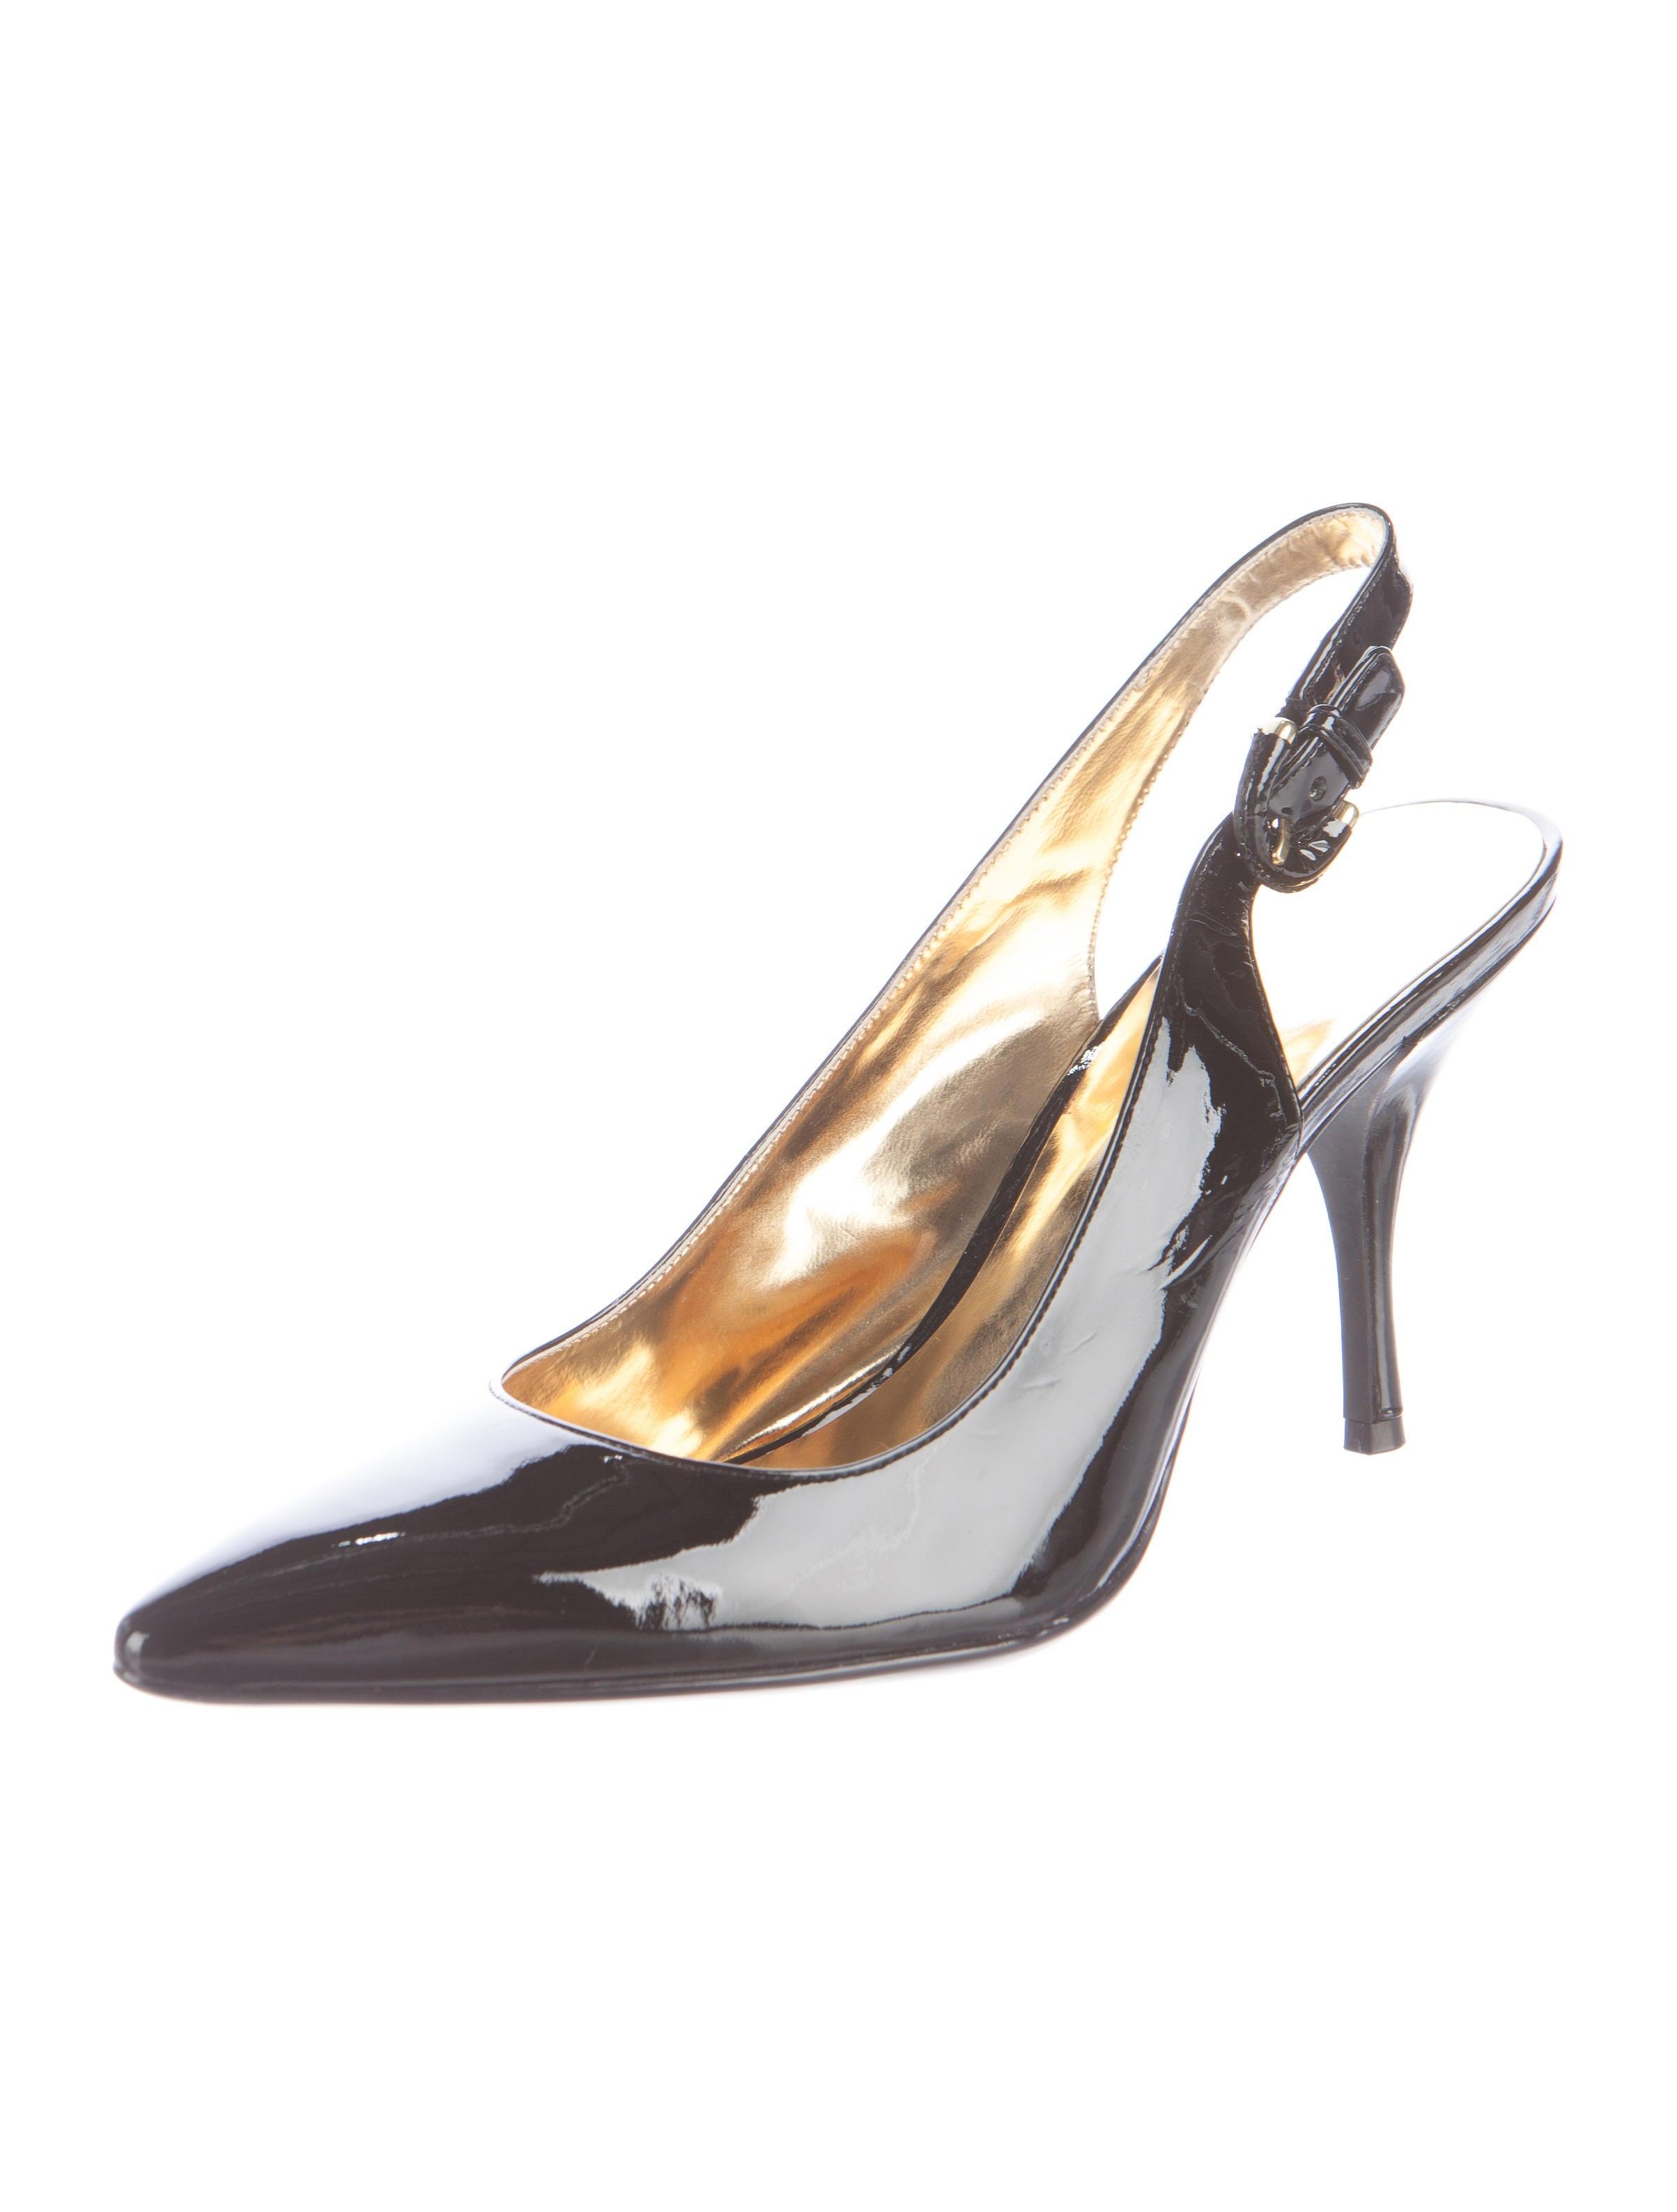 Coach Patent Leather Slingback Pumps - Shoes - CCH20840 ...